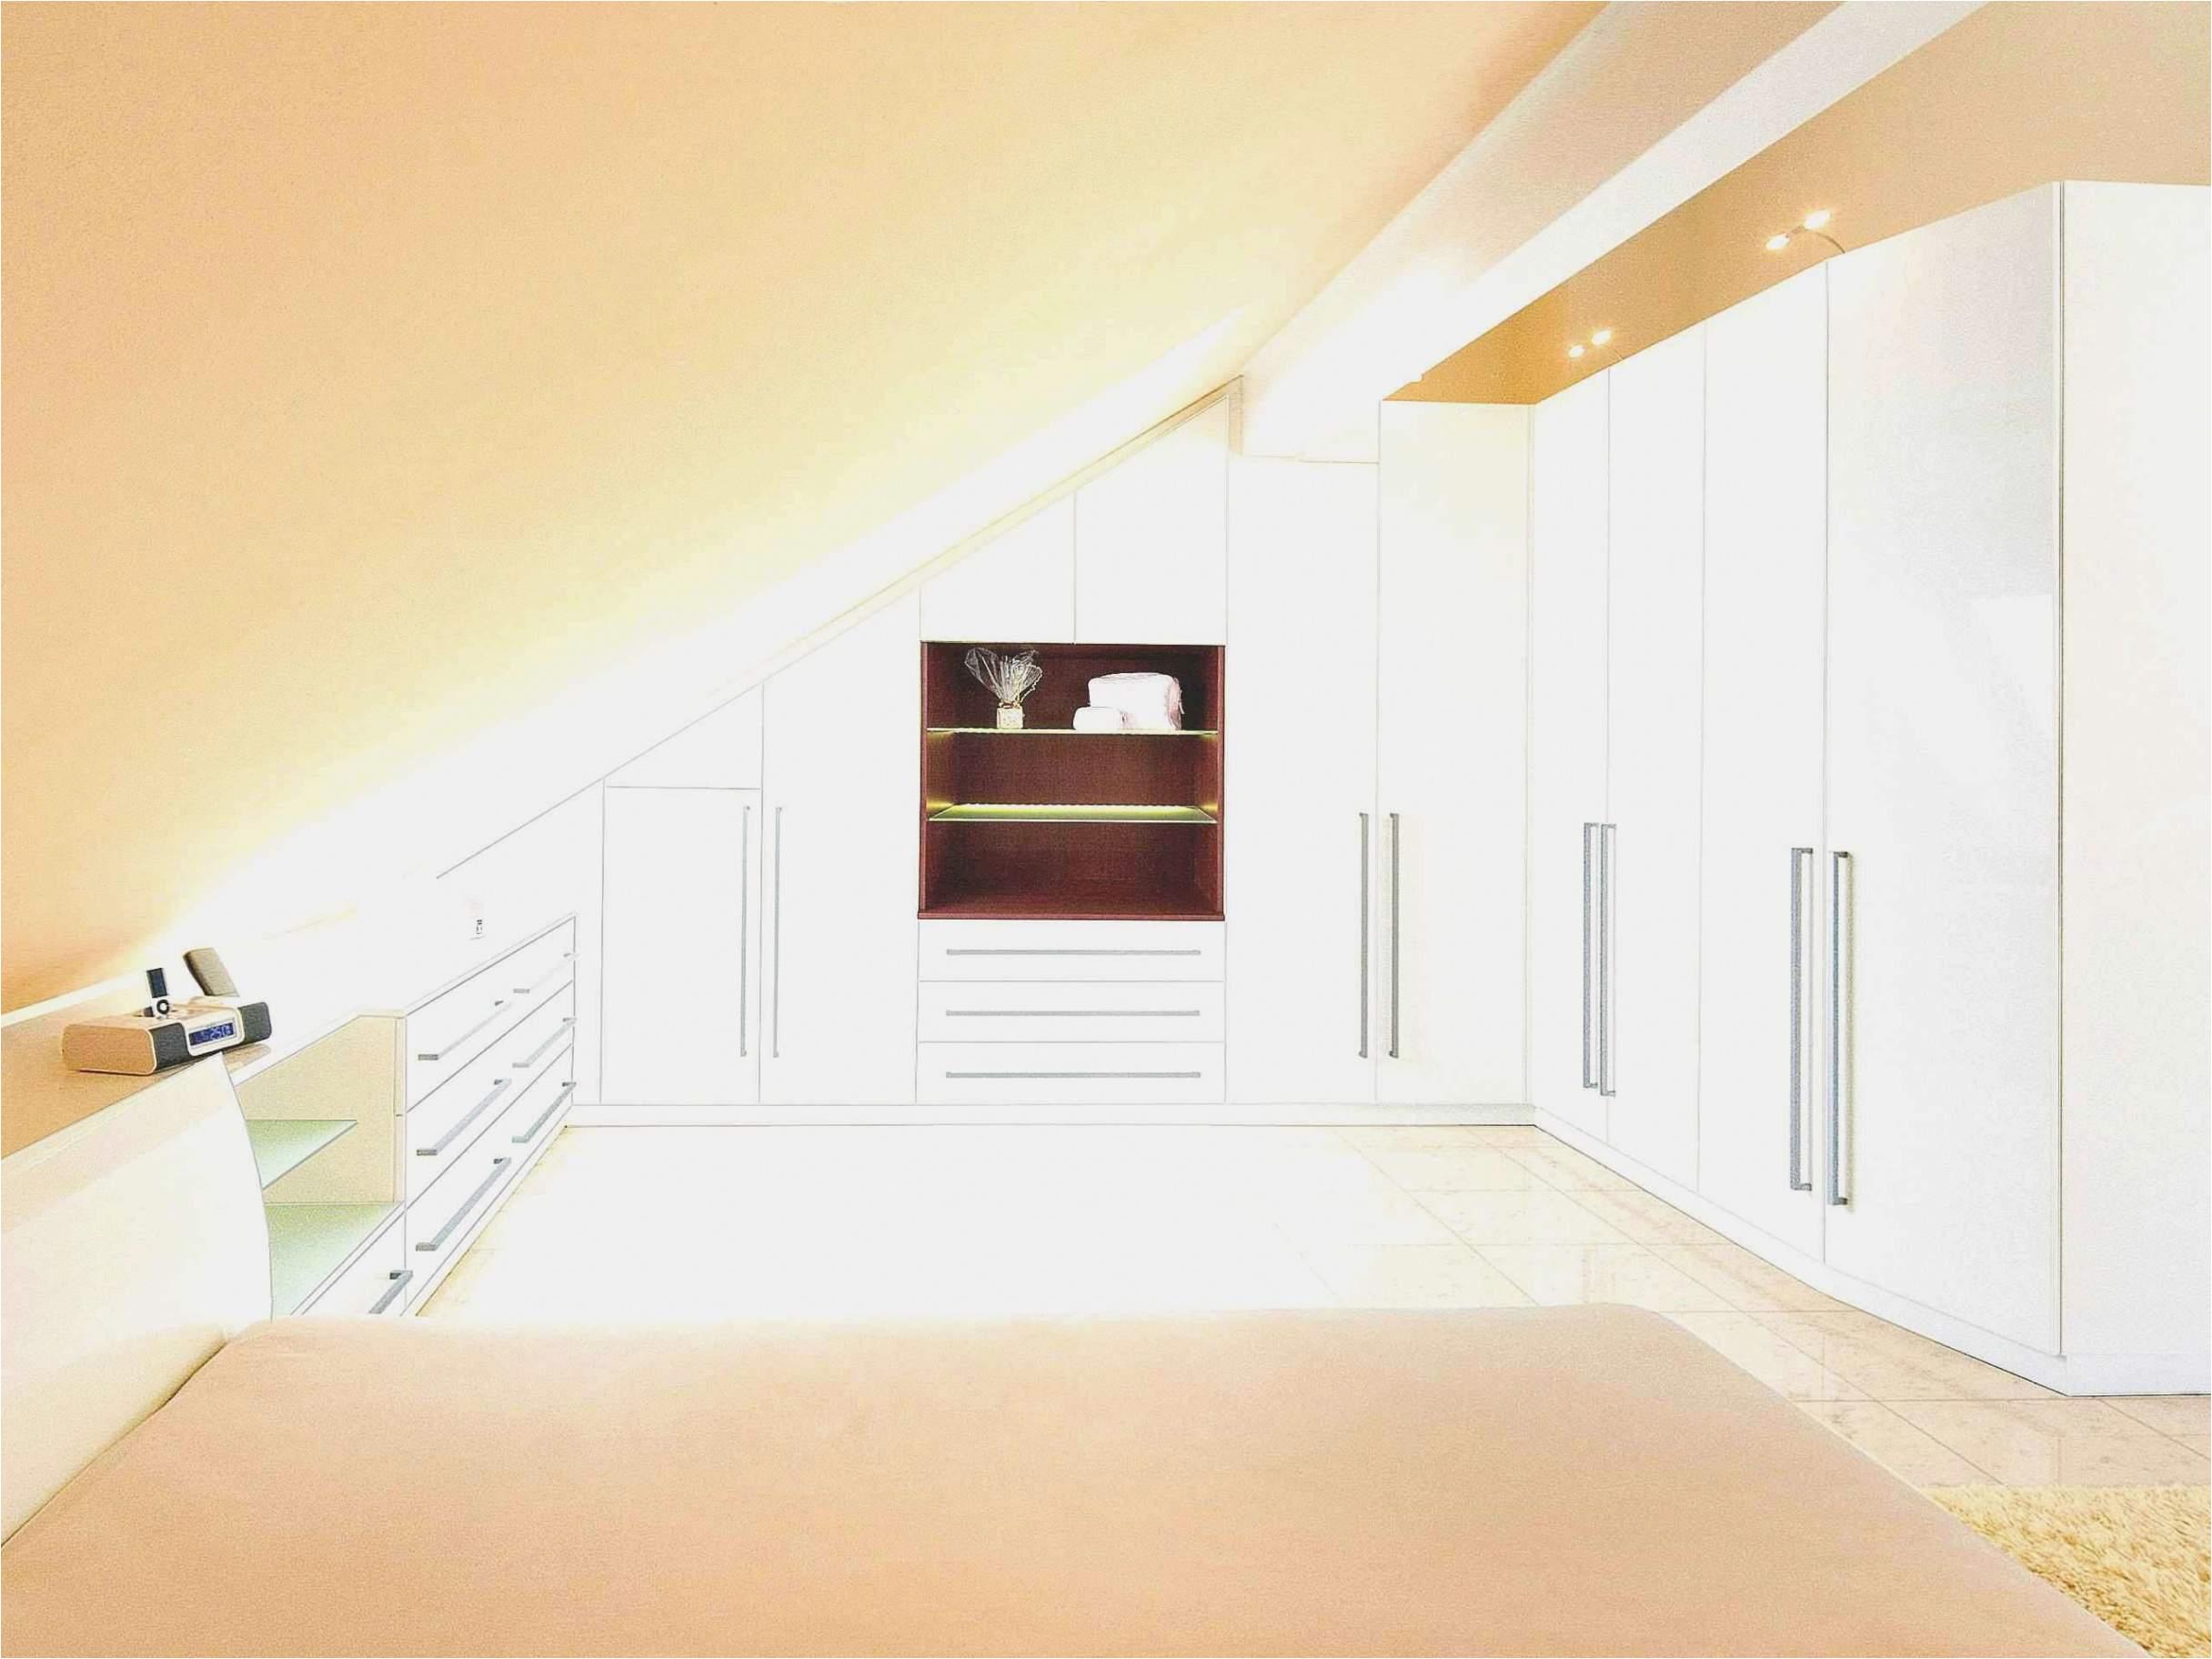 wohnzimmer dachschrage reizend dusche mit dachschrage waket wohnkultur of wohnzimmer dachschrage